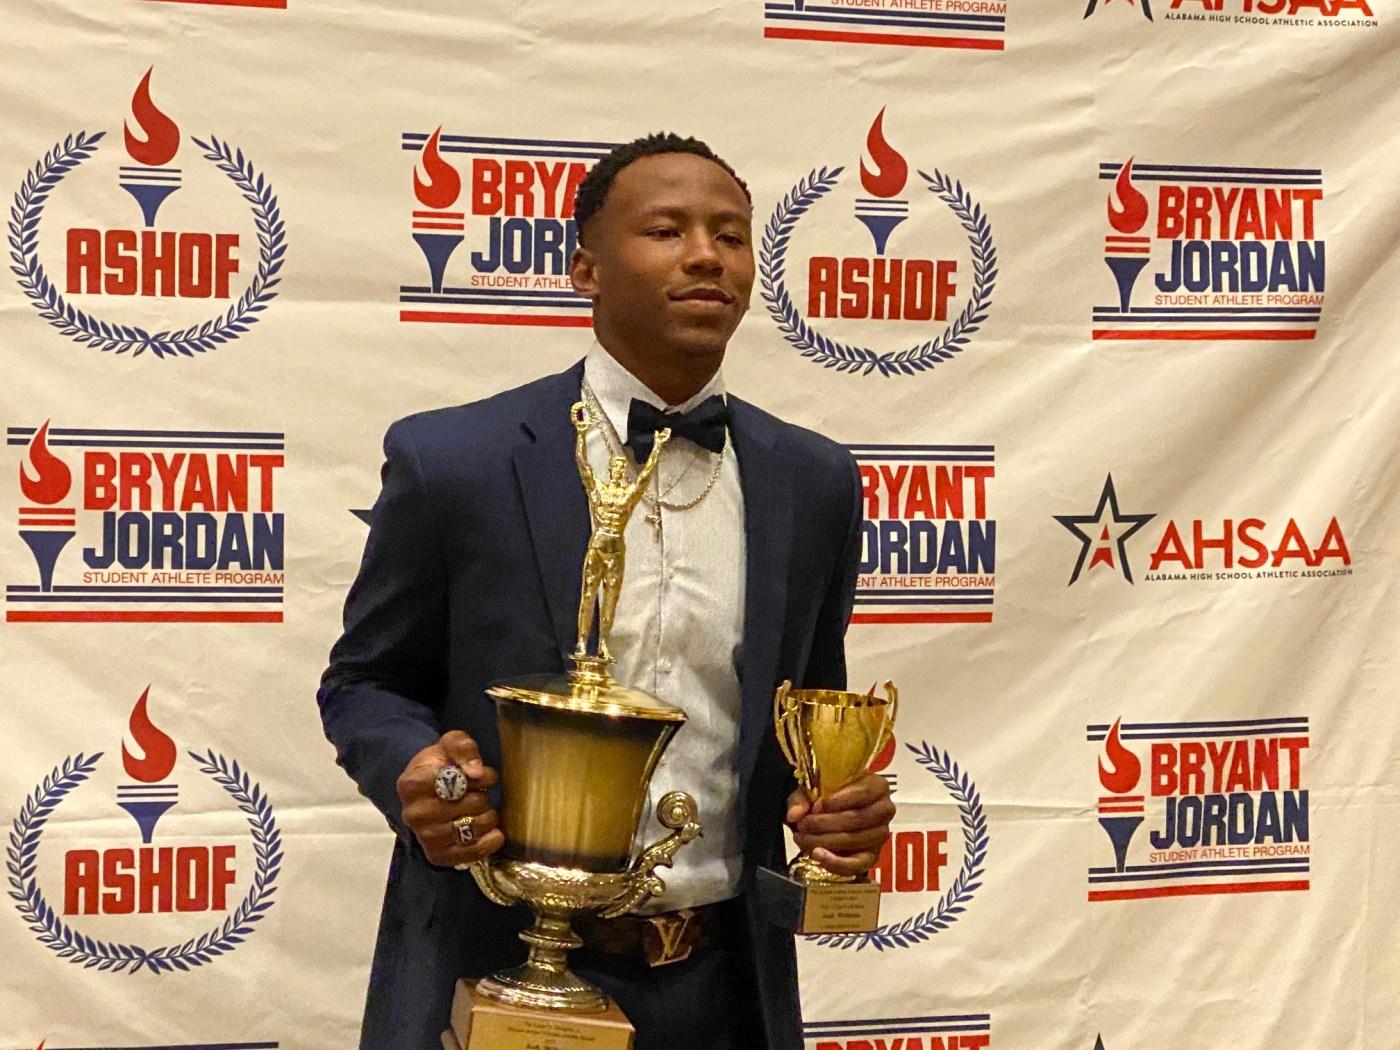 Bryant -Jordan